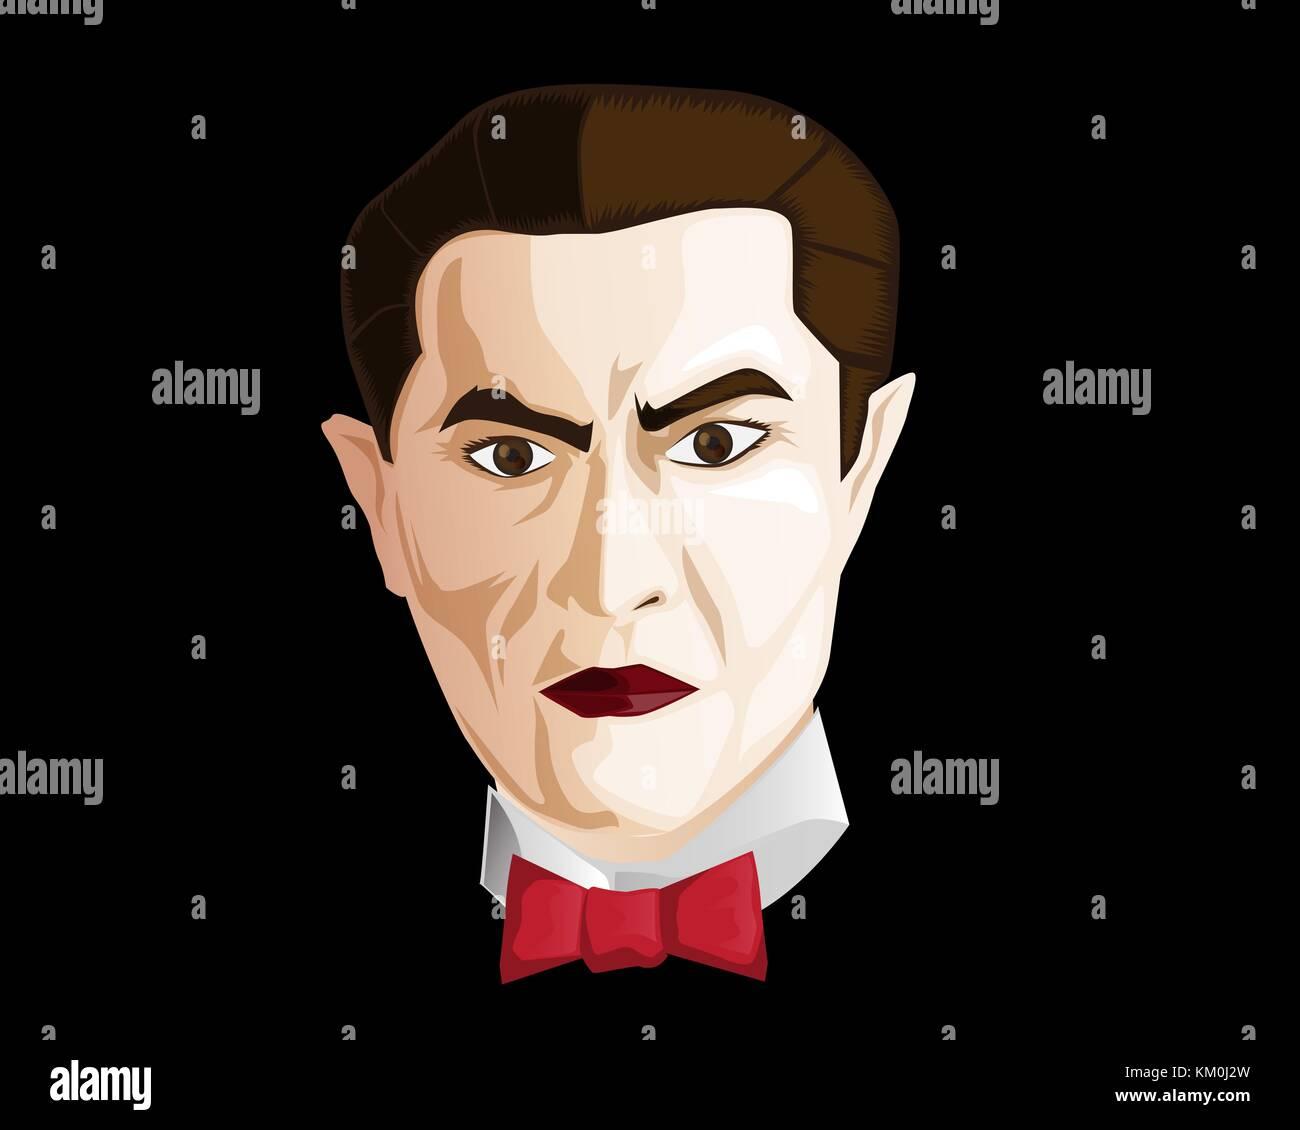 Vampire clip art Immagini Stock